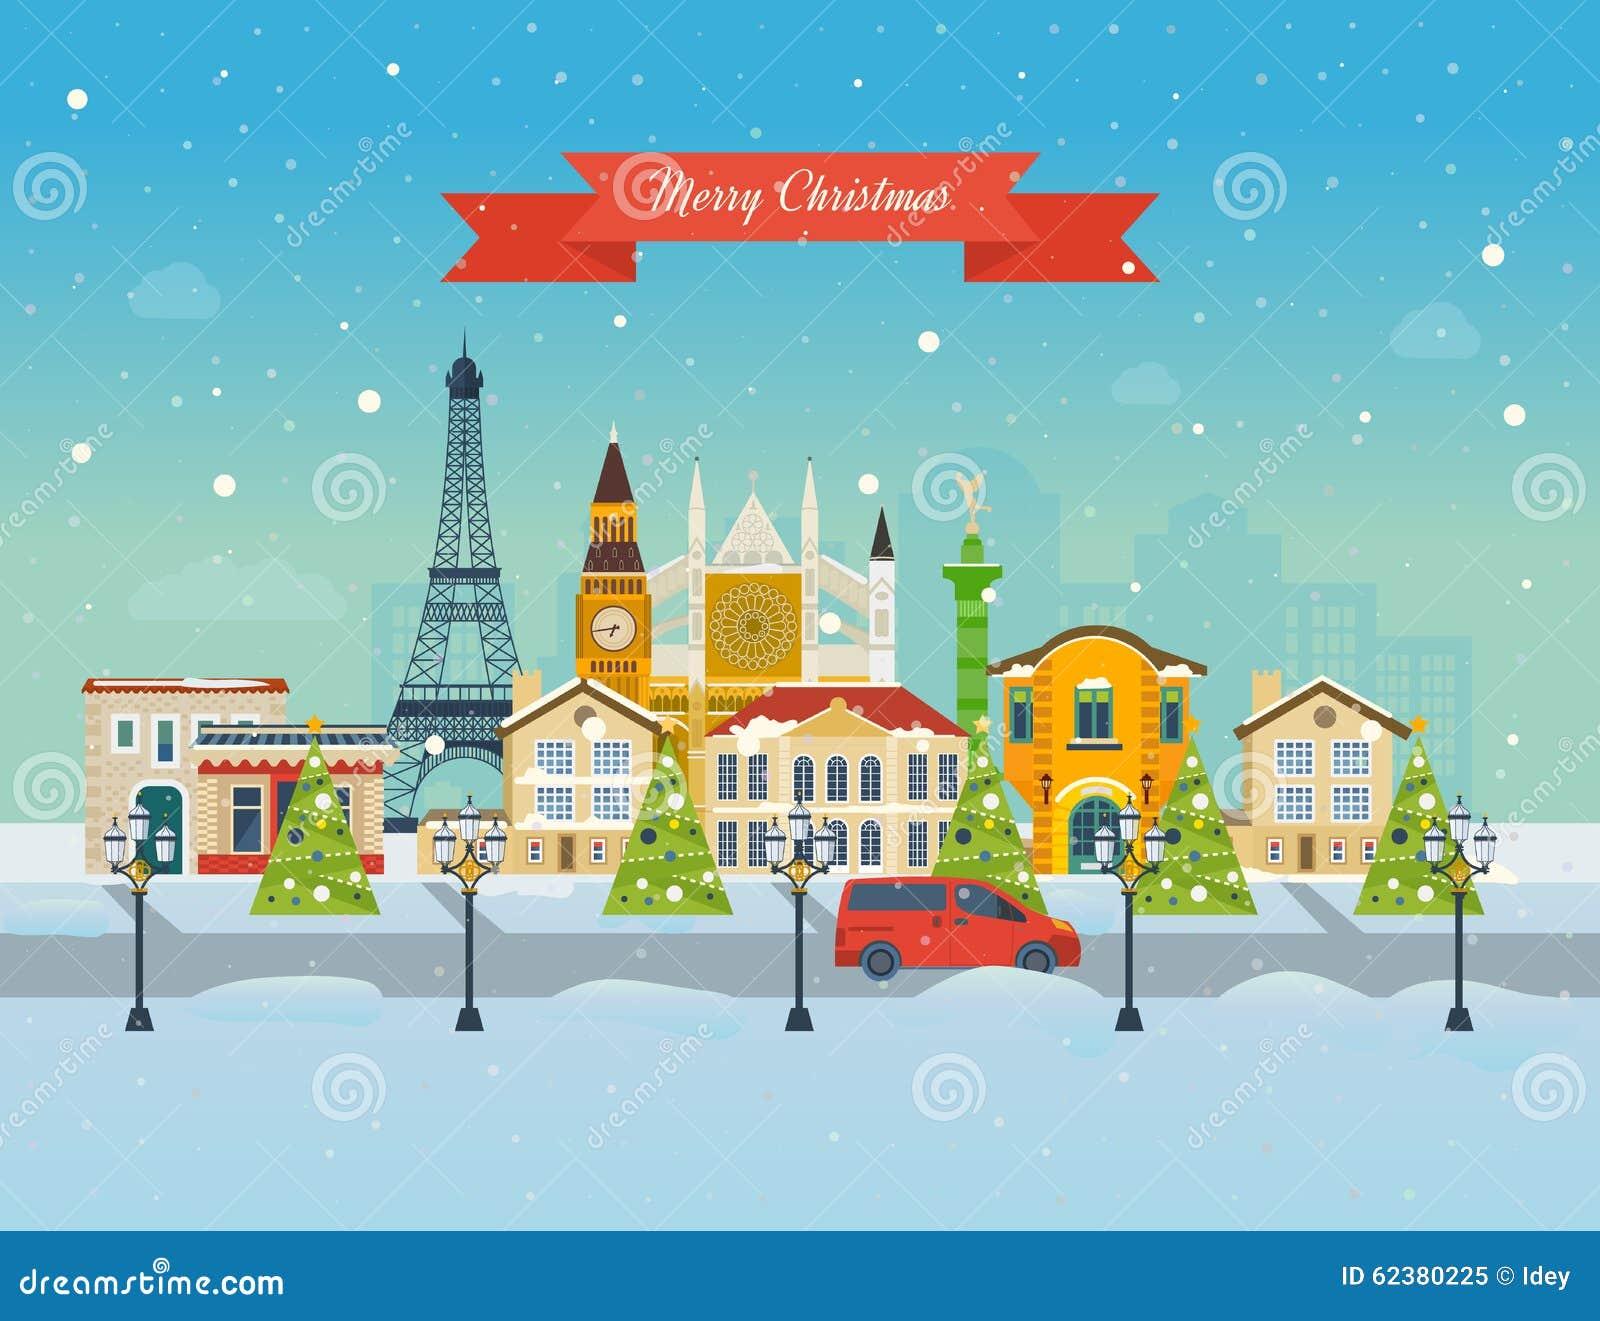 Extrêmement Viaggio Ad Europa Per Natale Buon Natale Illustrazione Vettoriale  AF76